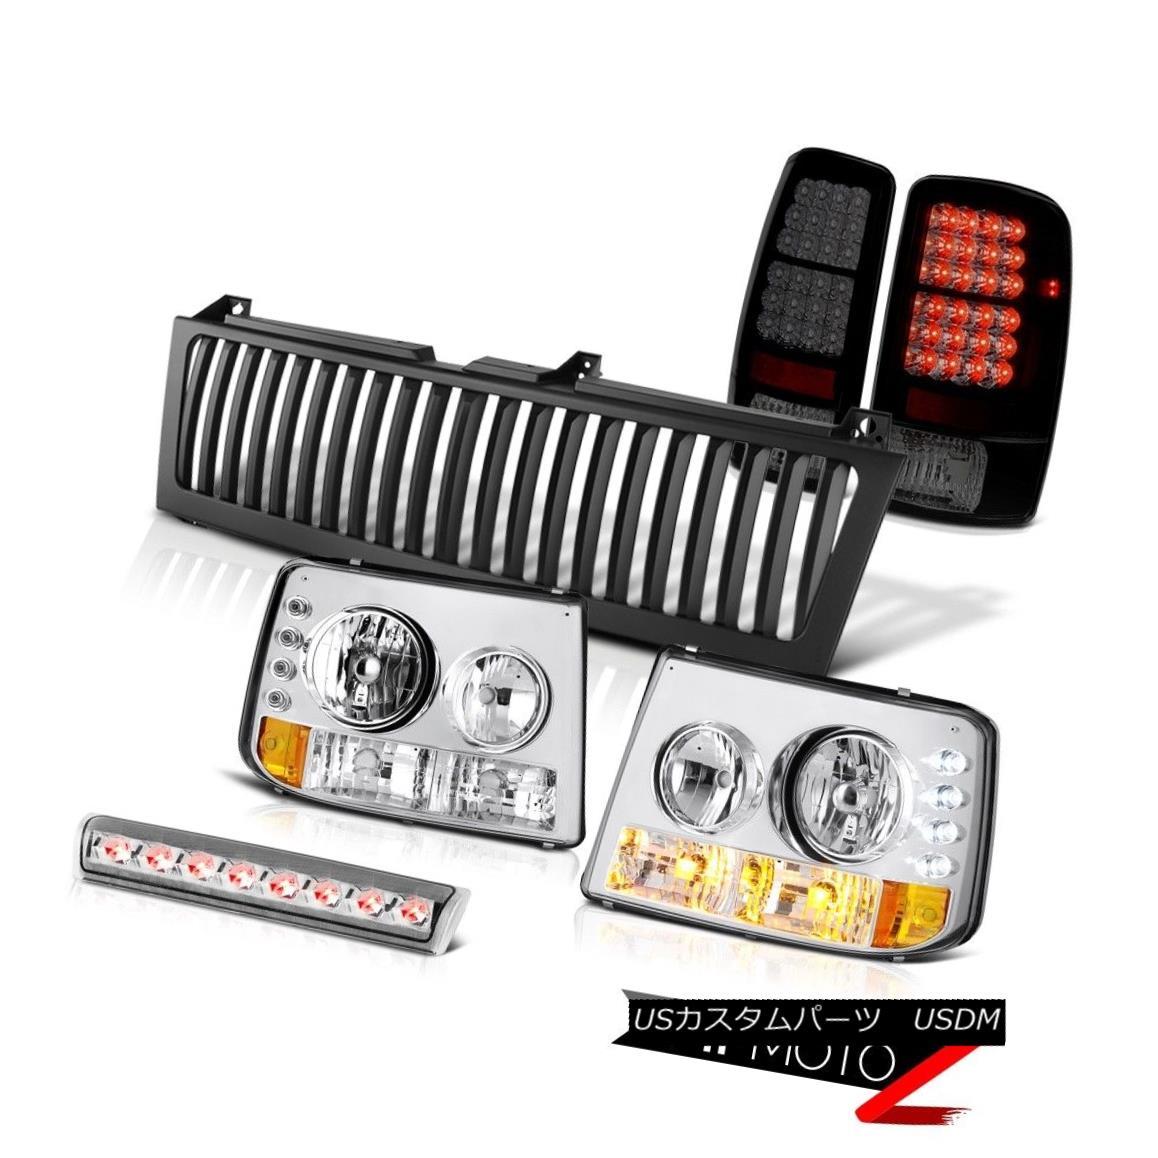 ヘッドライト 00 01 02 03 04 05 06 Suburban Headlamps Sinister LED Taillight High Brake Grille 00 01 02 03 04 05 06郊外ヘッドランプ懐中電灯ハイライトハイブレーキグリル